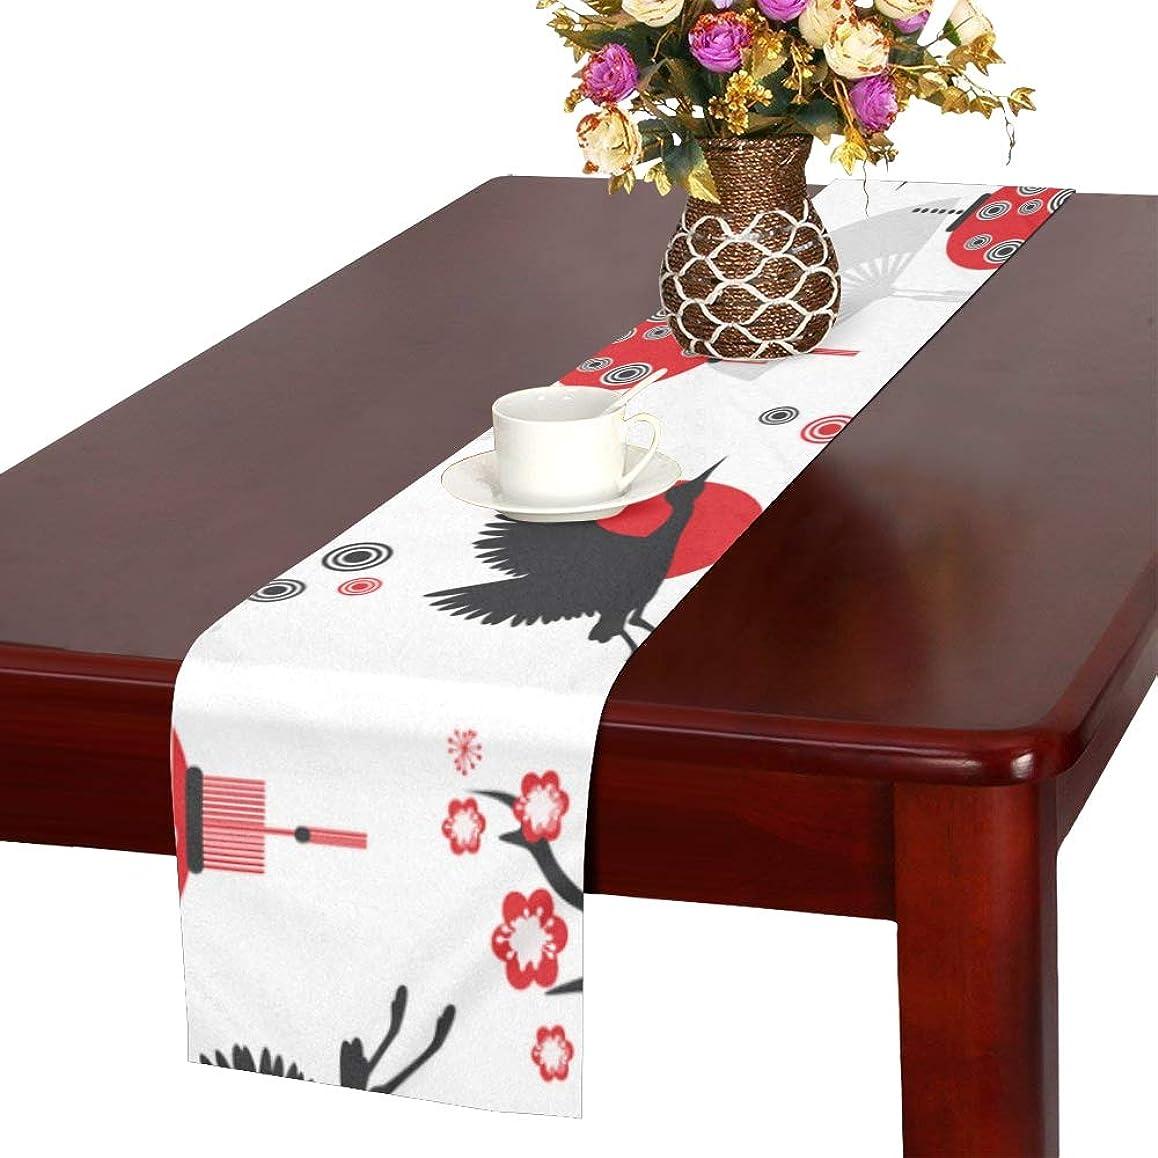 ビバ子孫句LKCDNG テーブルランナー 赤い 和風の扇子 クロス 食卓カバー 麻綿製 欧米 おしゃれ 16 Inch X 72 Inch (40cm X 182cm) キッチン ダイニング ホーム デコレーション モダン リビング 洗える